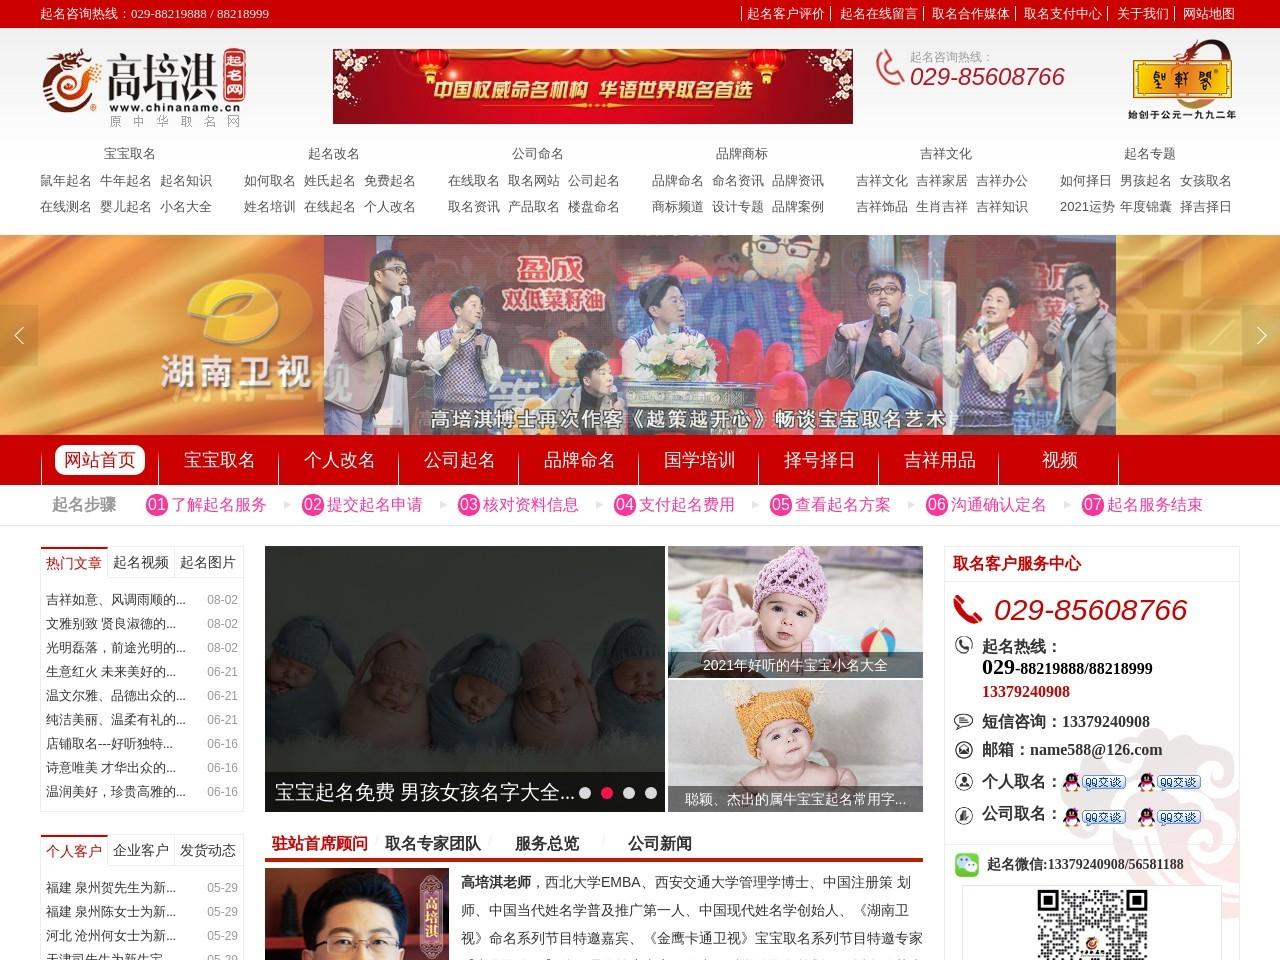 中华取名网